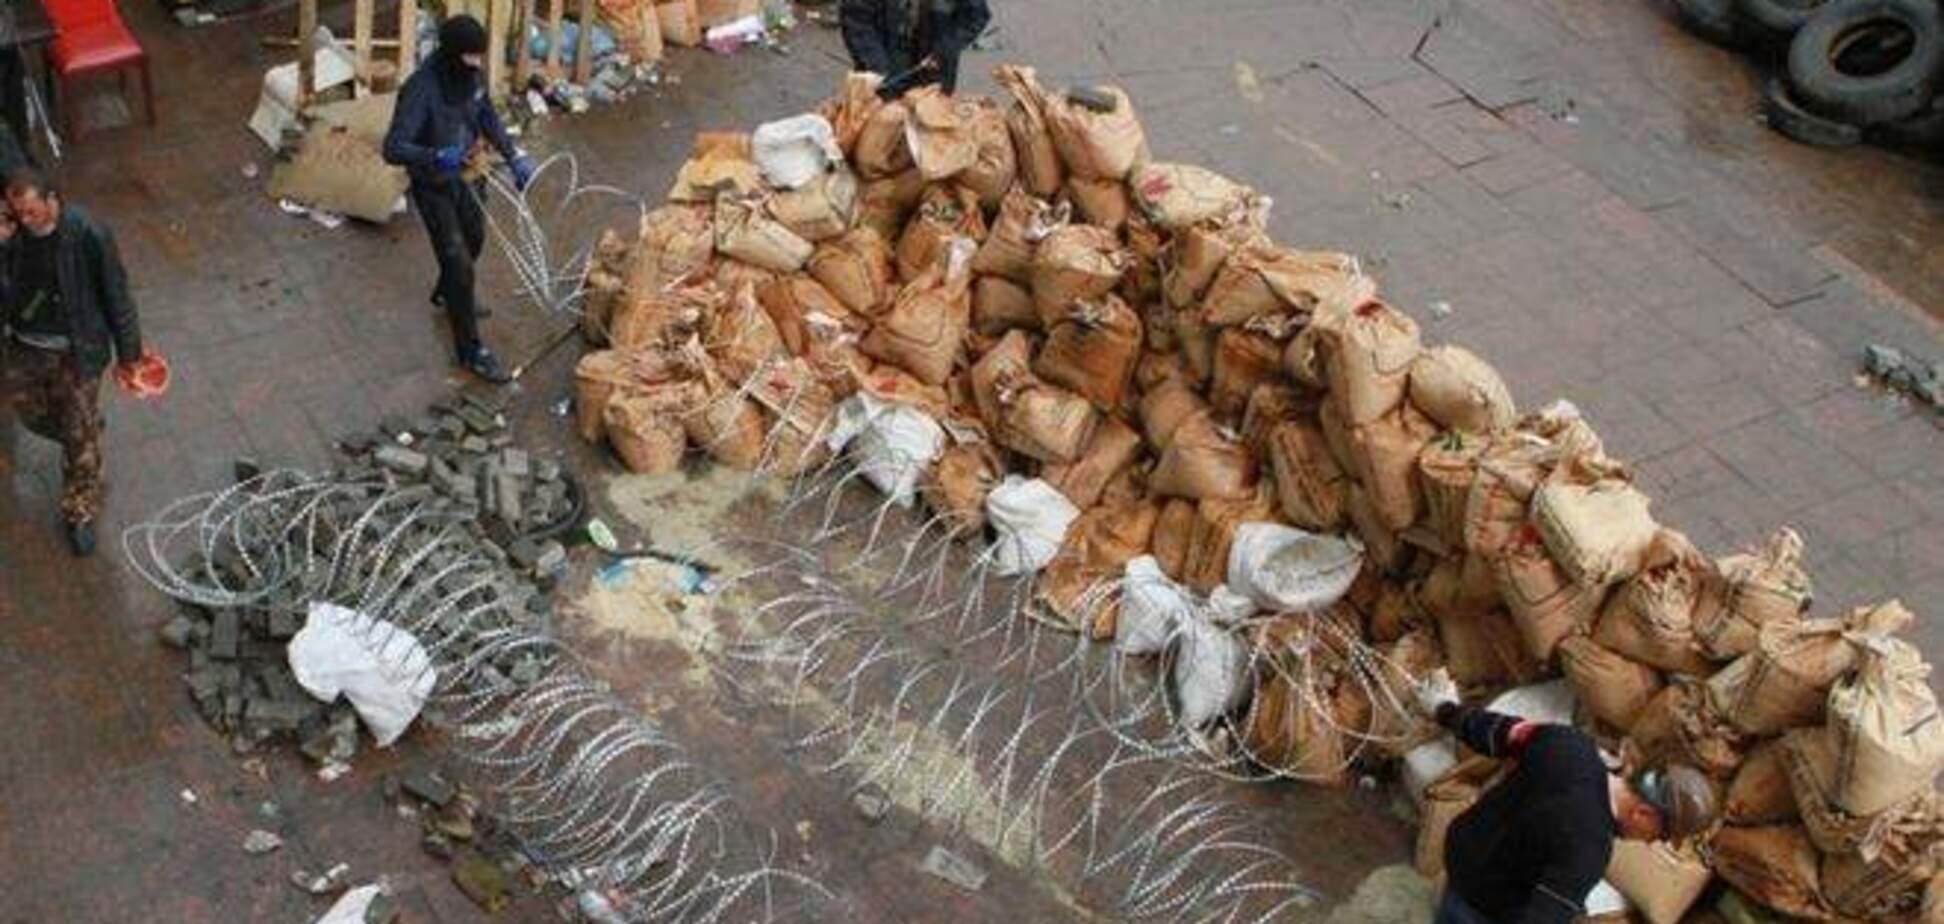 Сепаратисты в Донецке укрепляют баррикады и запасаются бензином